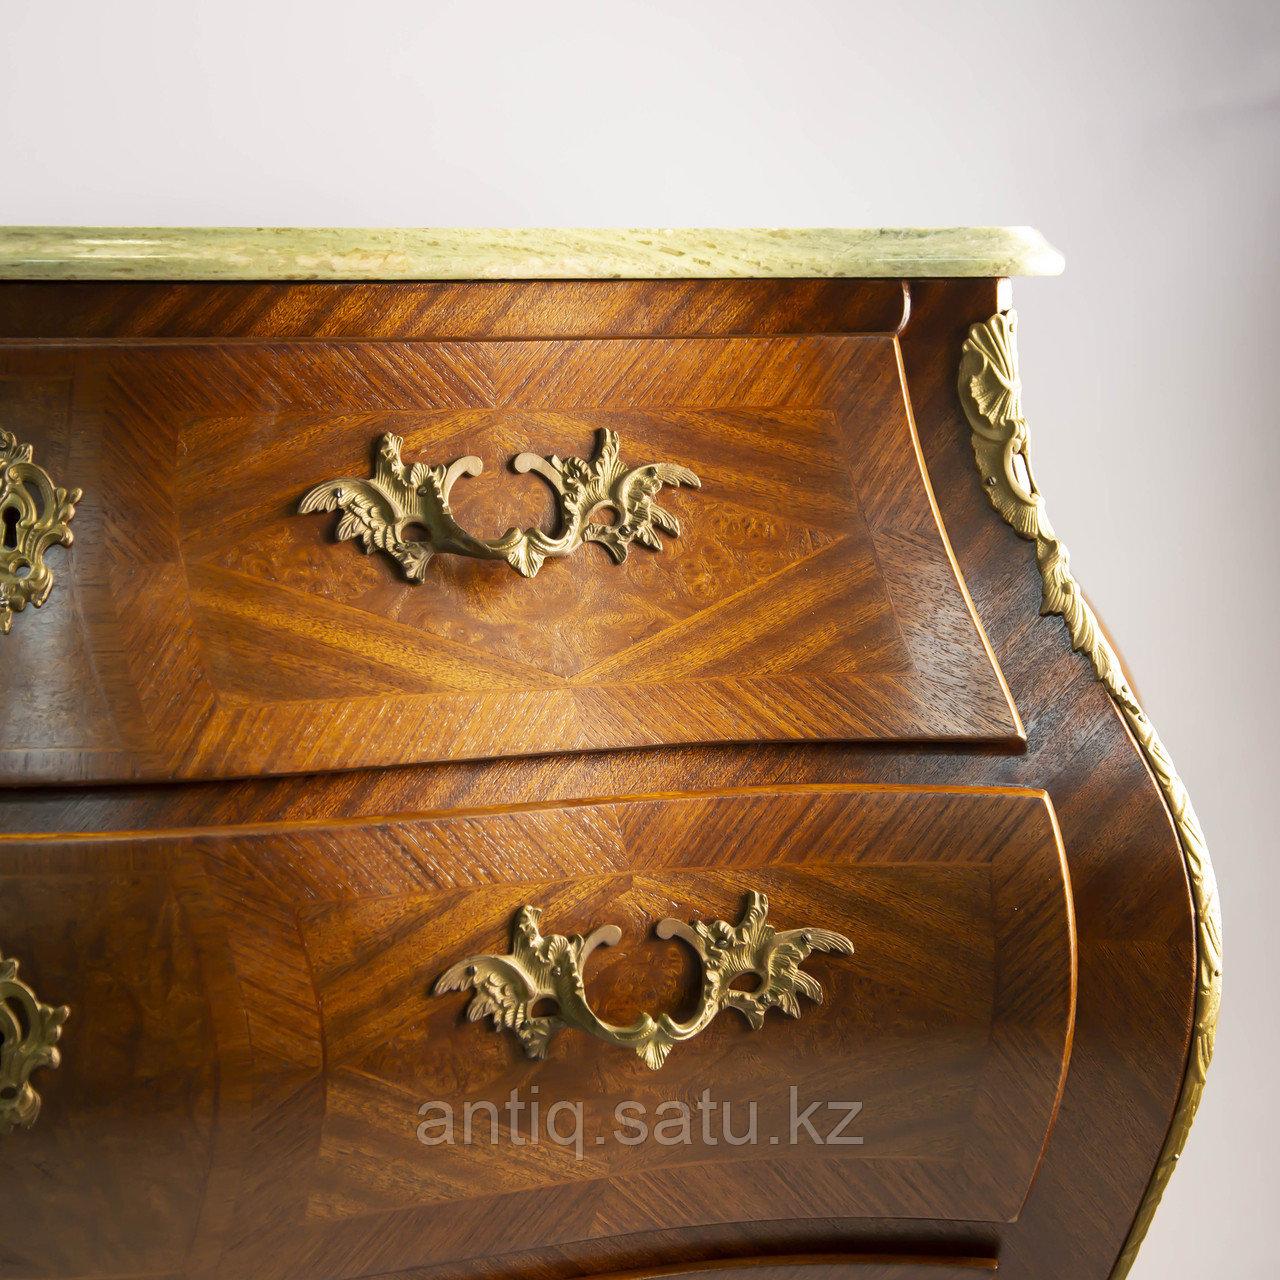 Старинный комод из Франции, I-й половины середины ХХ века с богатым декором из бронзы. - фото 6